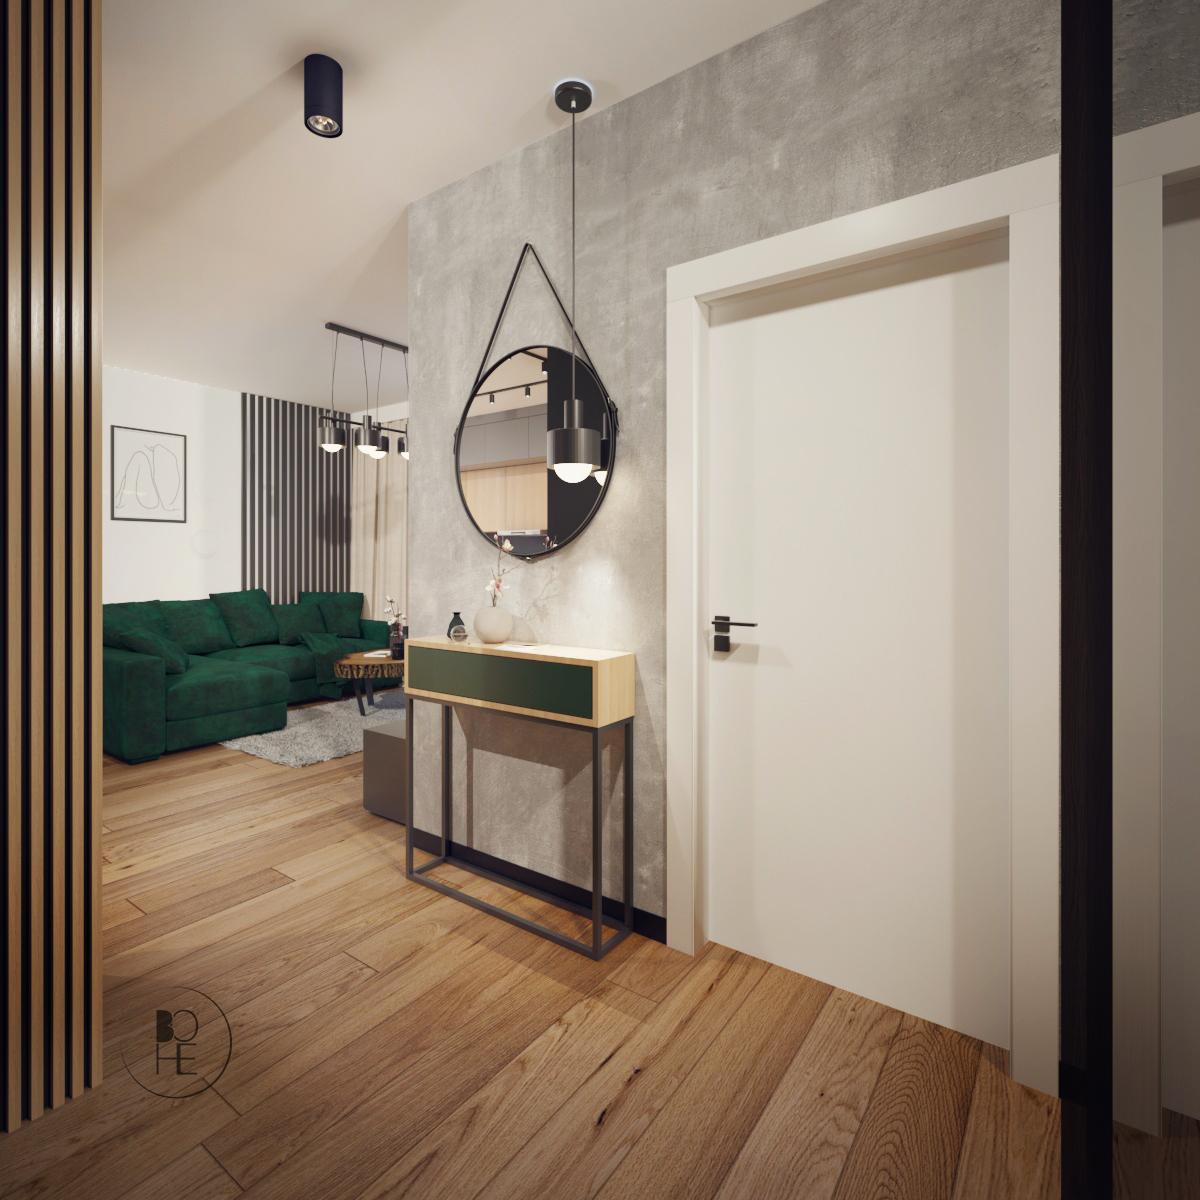 architekt wnętrz Łódź projekt korytarza z okrągłym lustrem w szarości i drewnie